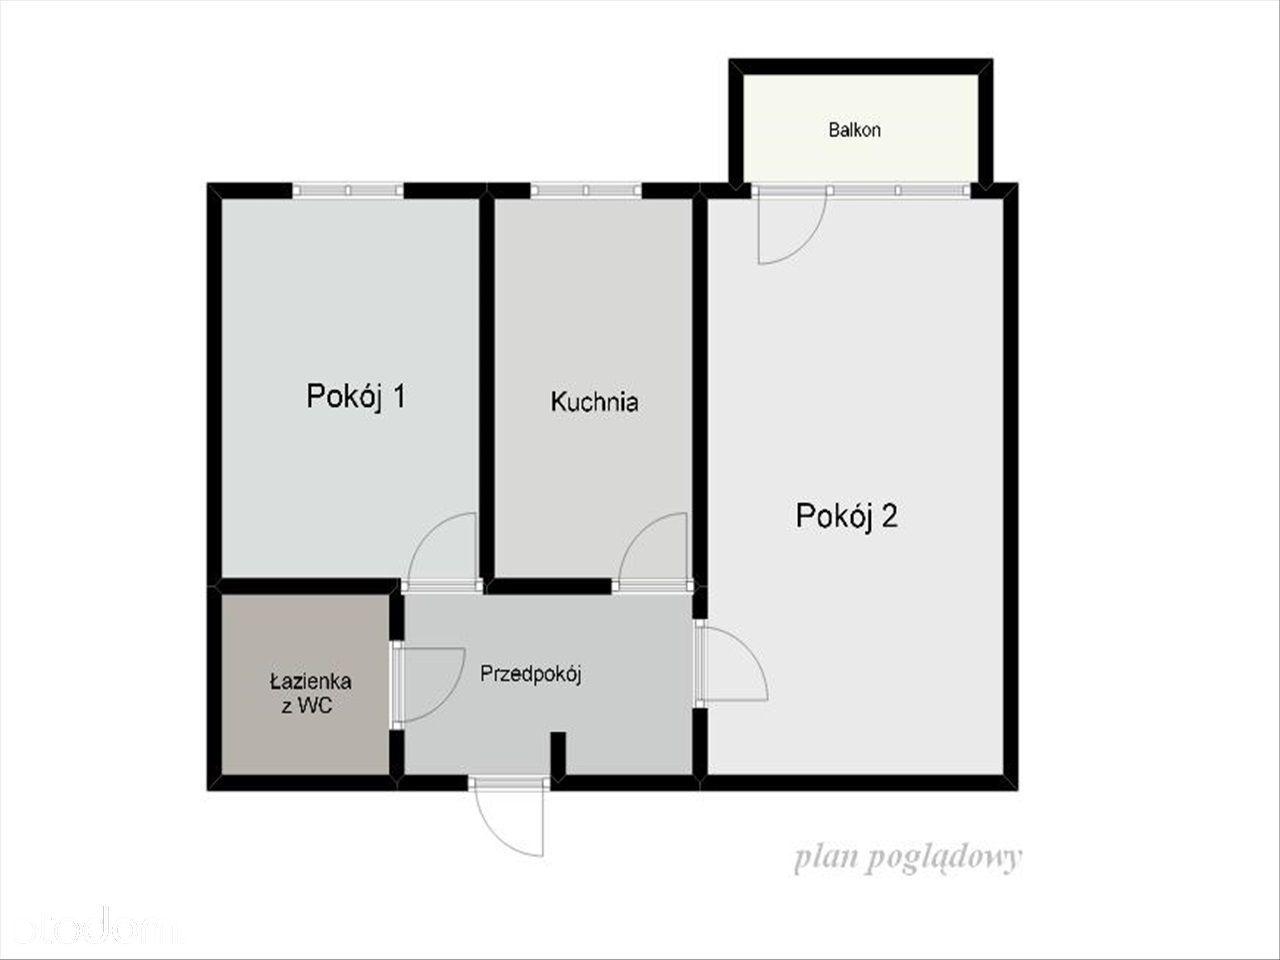 Mieszkanie na sprzedaż, Będzin, będziński, śląskie - Foto 9